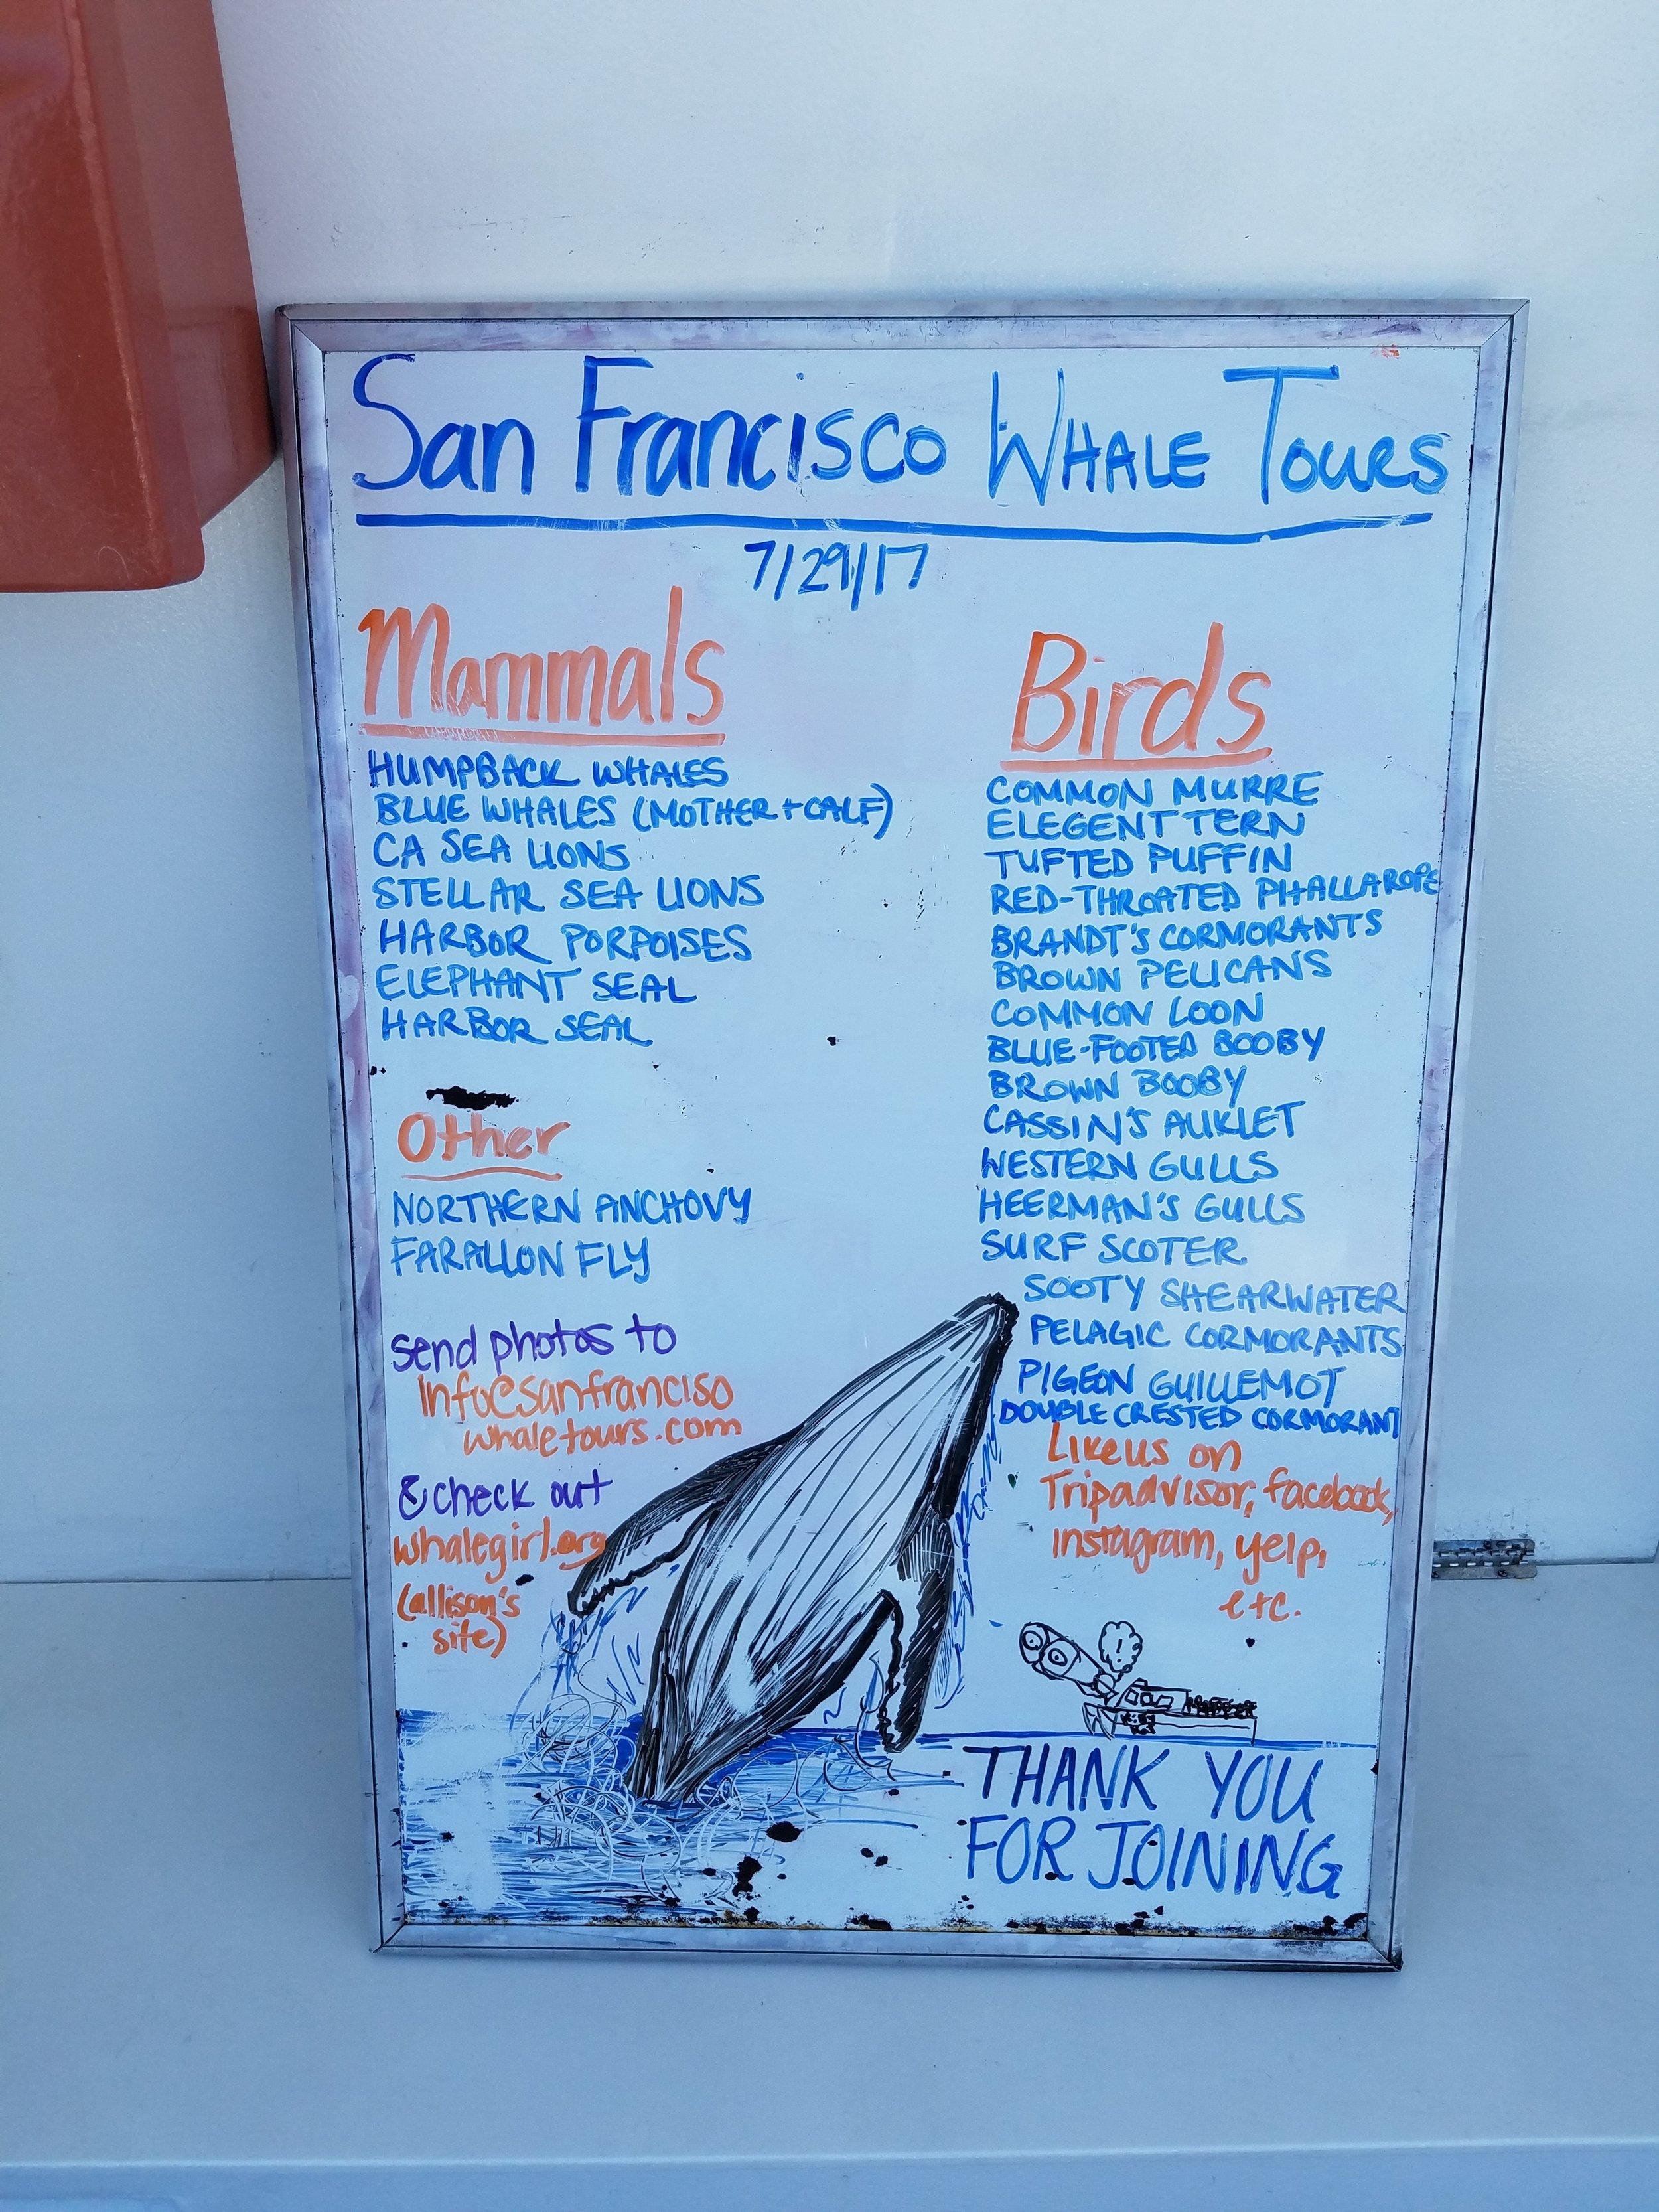 Full sightings list.